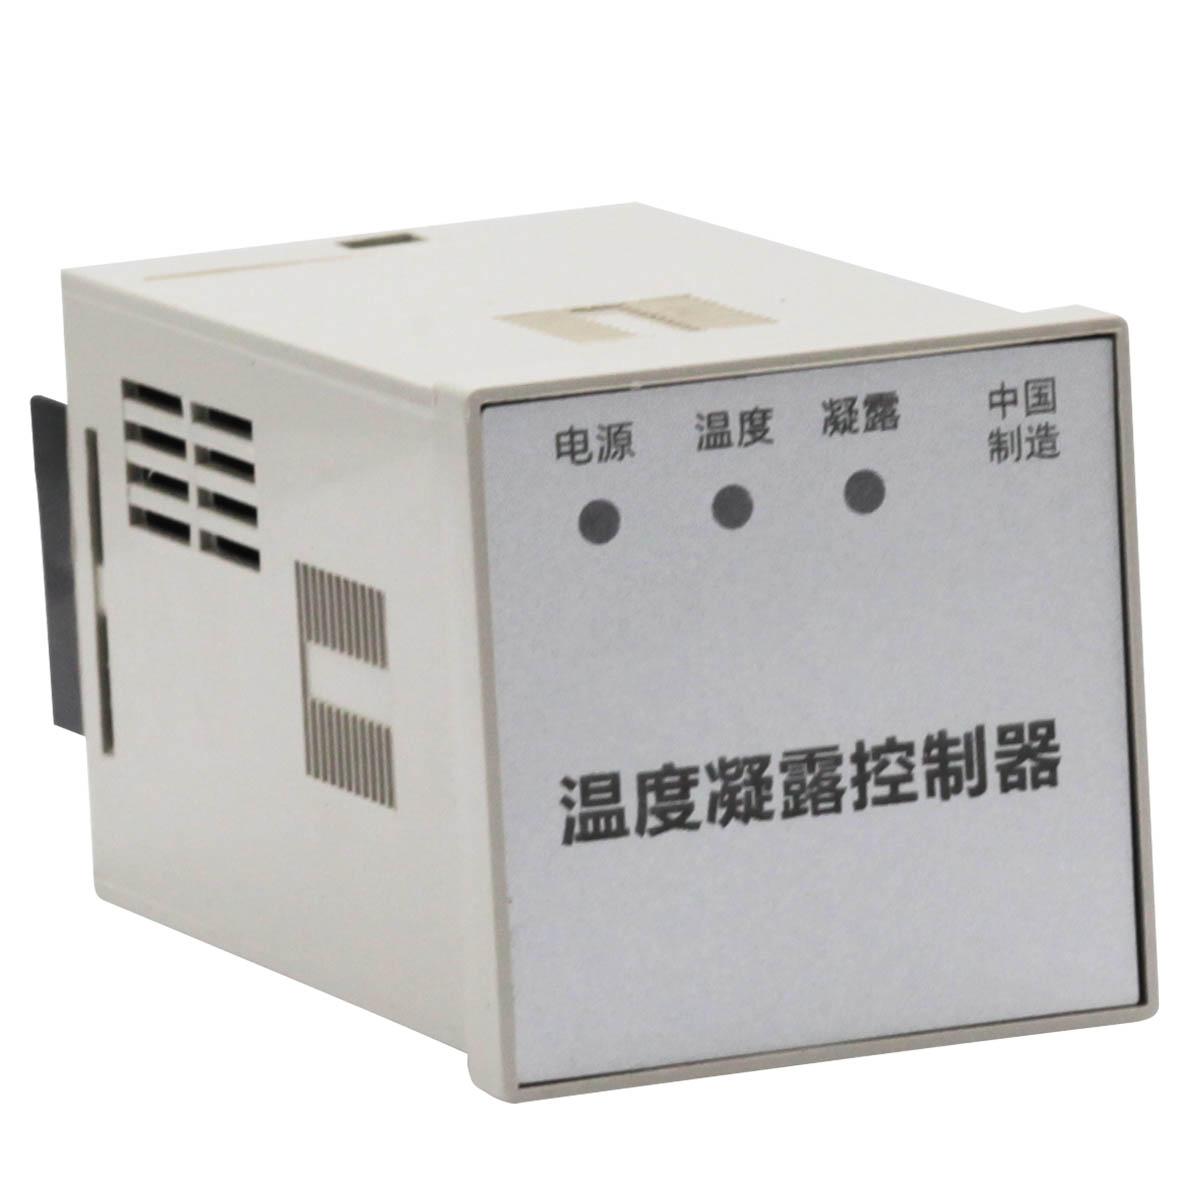 武汉汉南SNXD1-5/0.4限流电抗器免费咨询